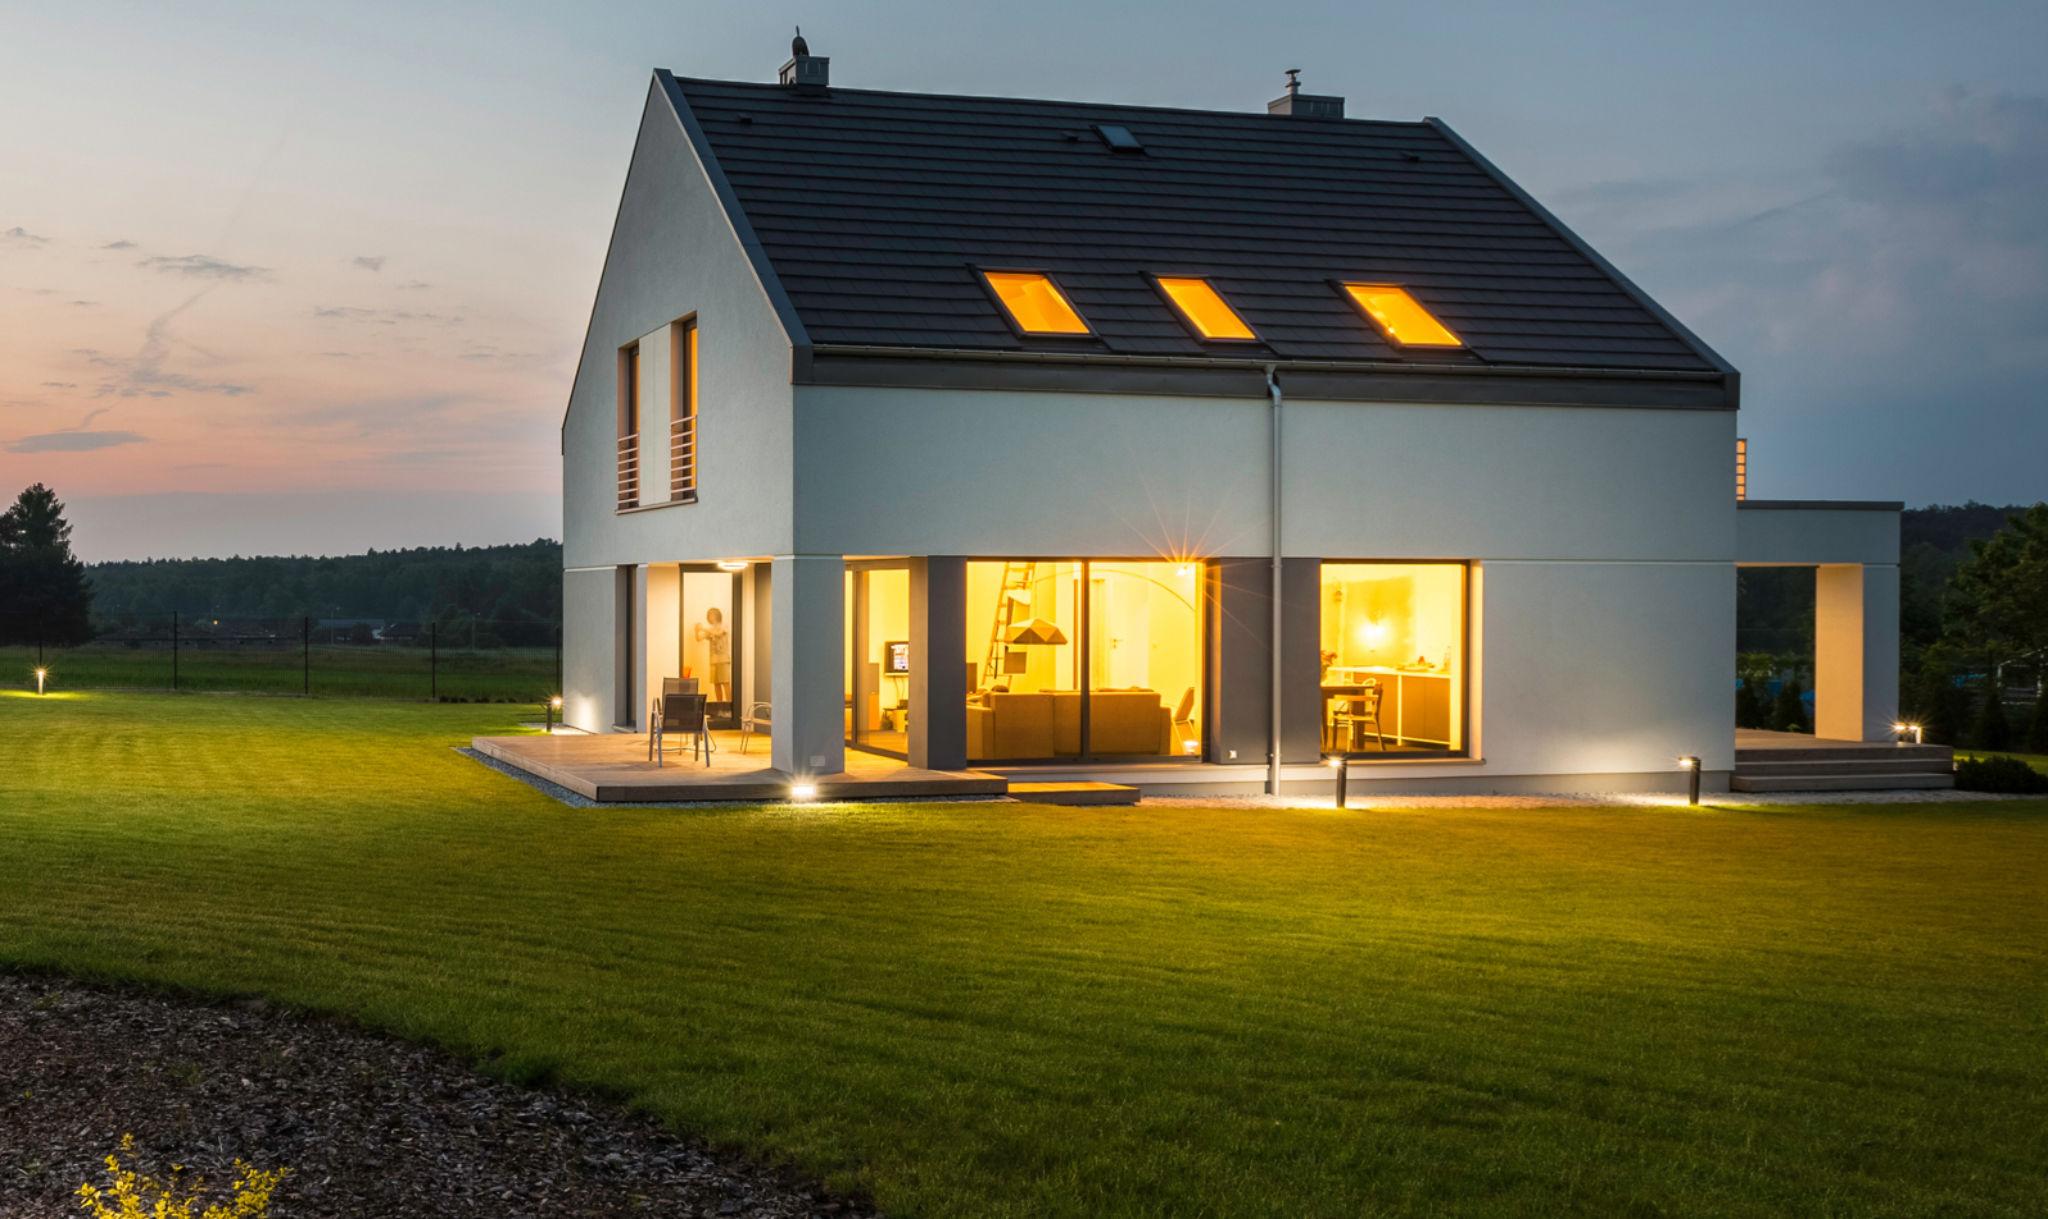 Zo maakt u uw huis energieneutraal for Huis energieneutraal